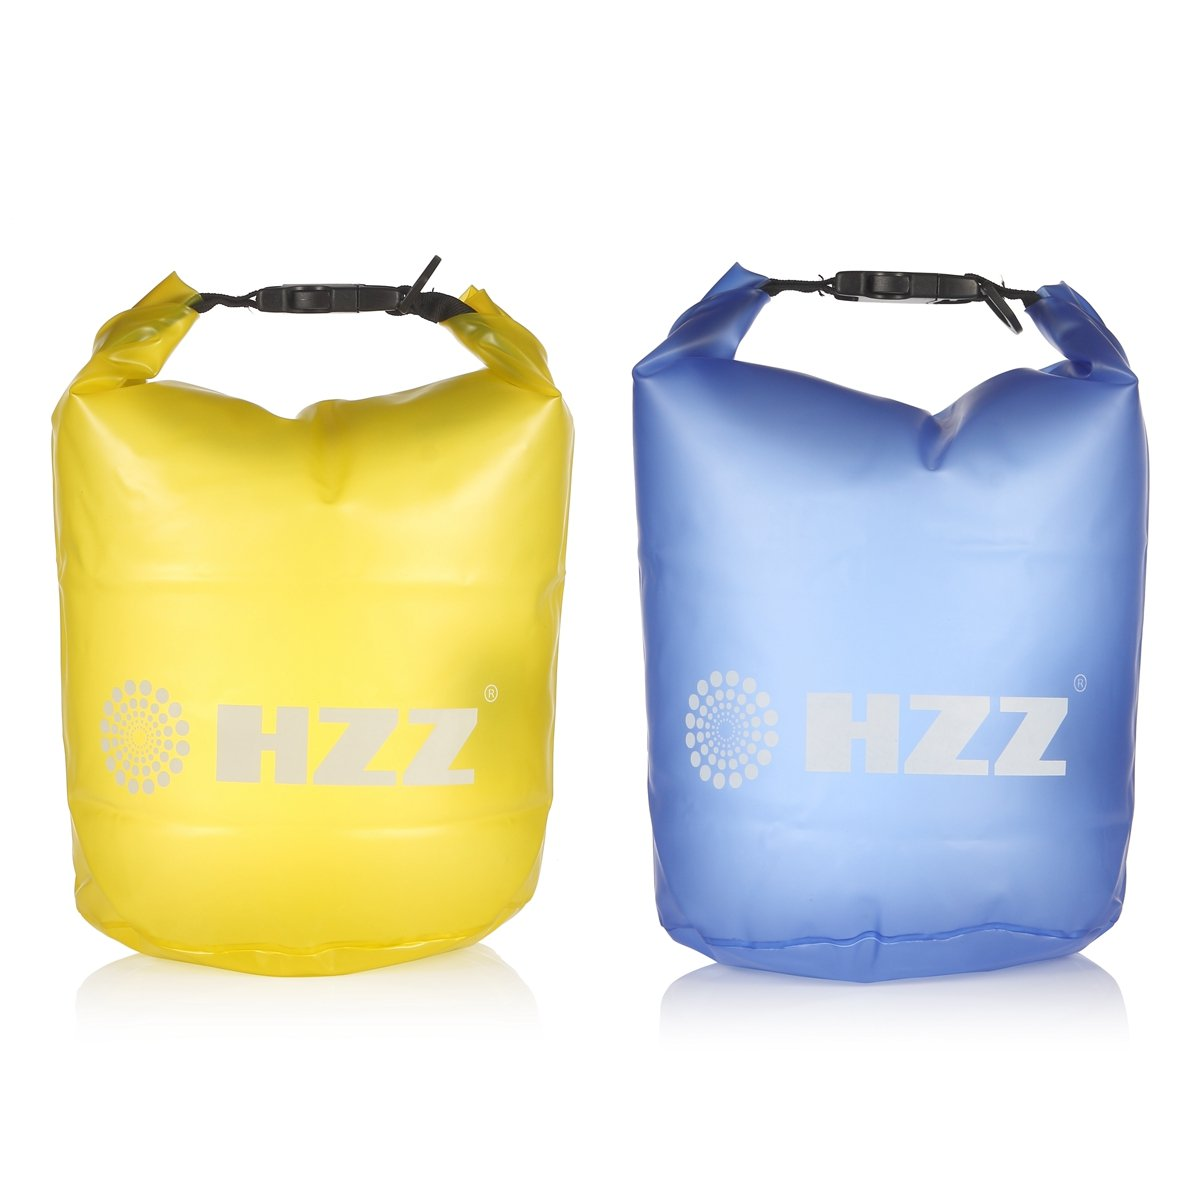 【当店一番人気】 HZZ ® 2 - ® Pack半透明防水ドライ袋バッグforボートカヤック釣りラフティング水泳フローティング 20L B00LTKV73Y ブルーとイエロー 20L 2 20L|ブルーとイエロー, 平戸市:0a7faf35 --- mcrisartesanato.com.br